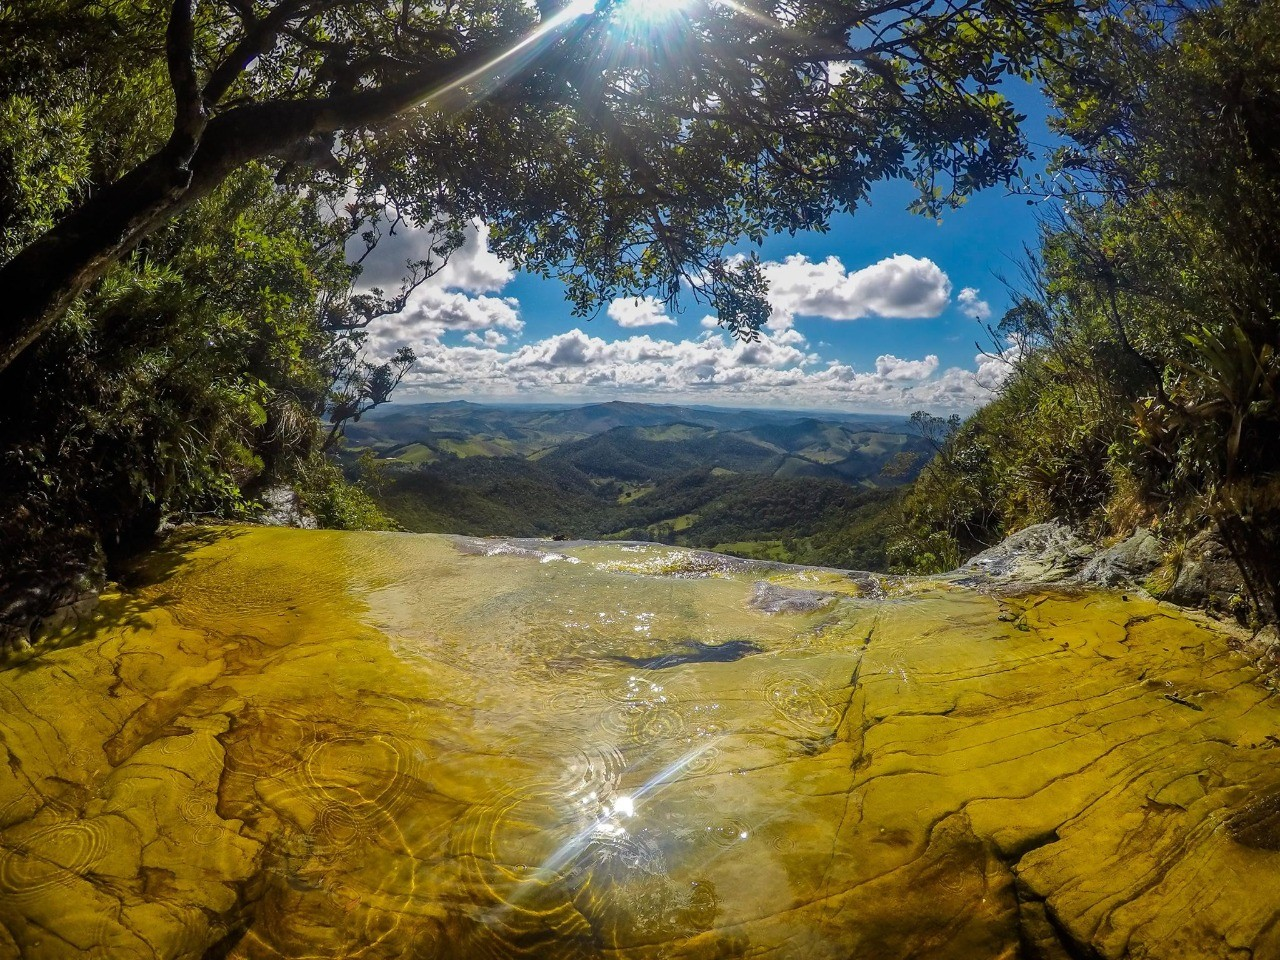 Parque Estadual do Ibitipoca reabre para visitação no dia 30 de setembro